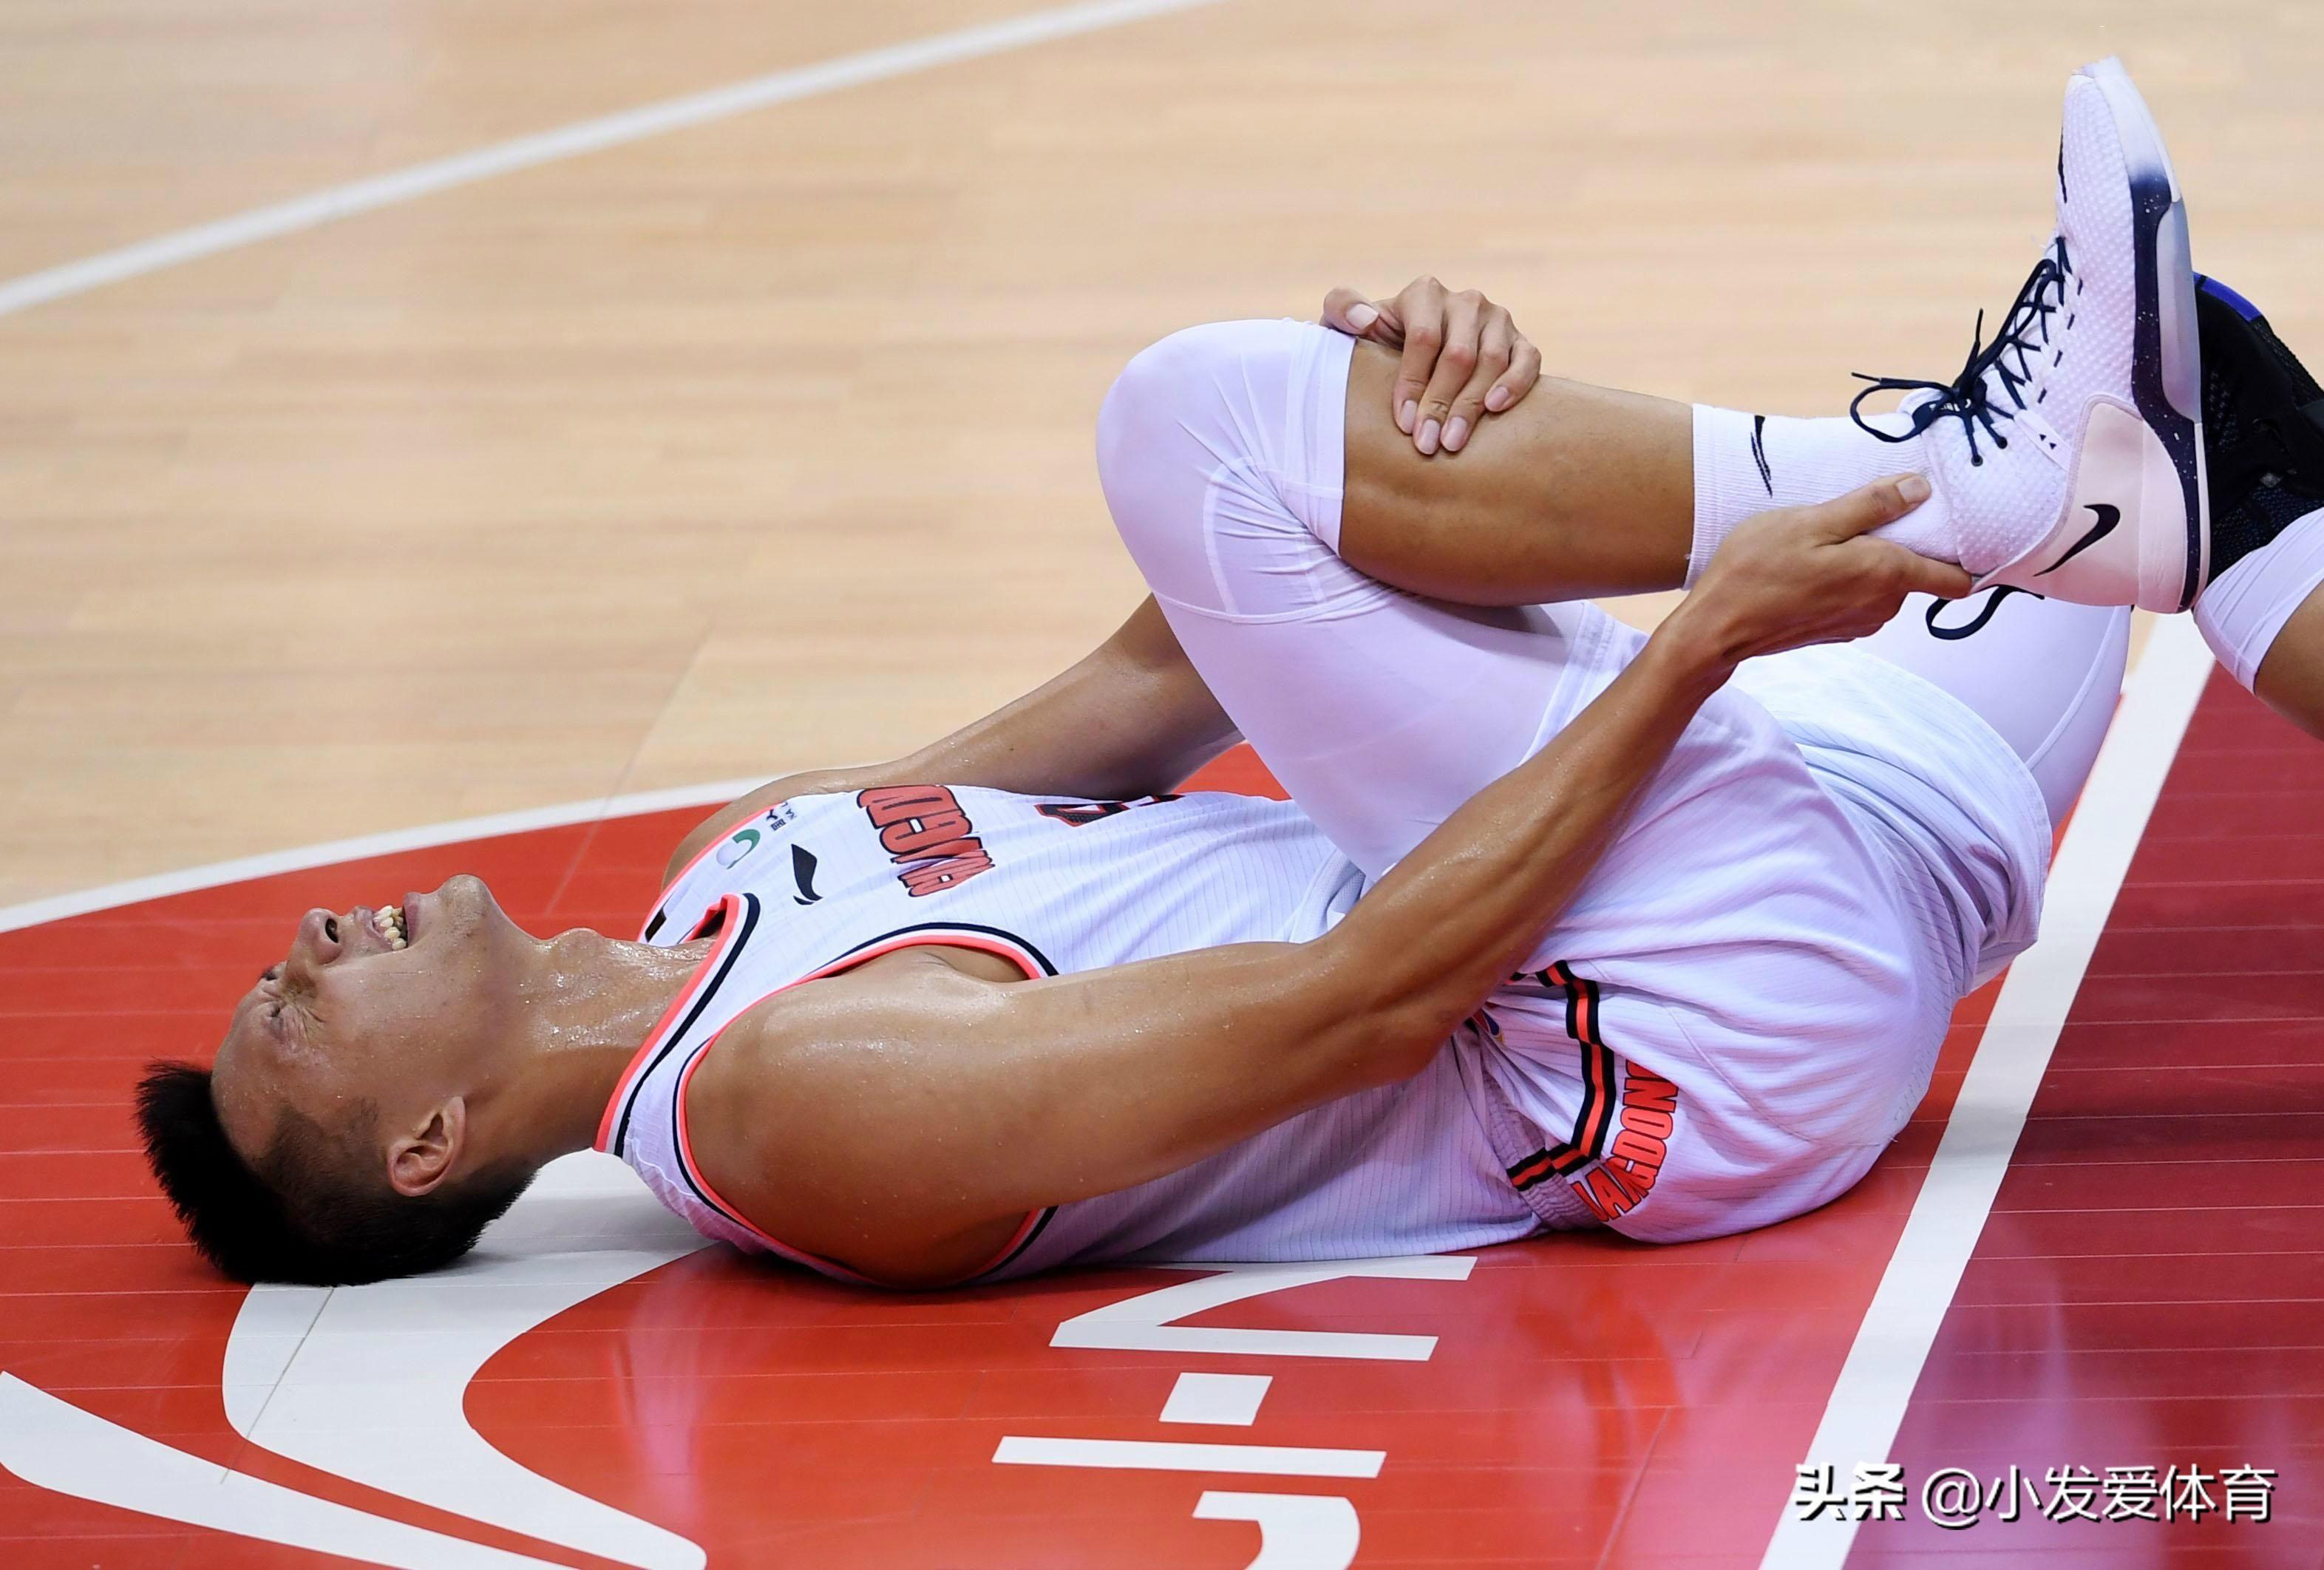 易建联赴美康复治疗,下赛季恐无法回归,新赛季广东卫冕难上加难